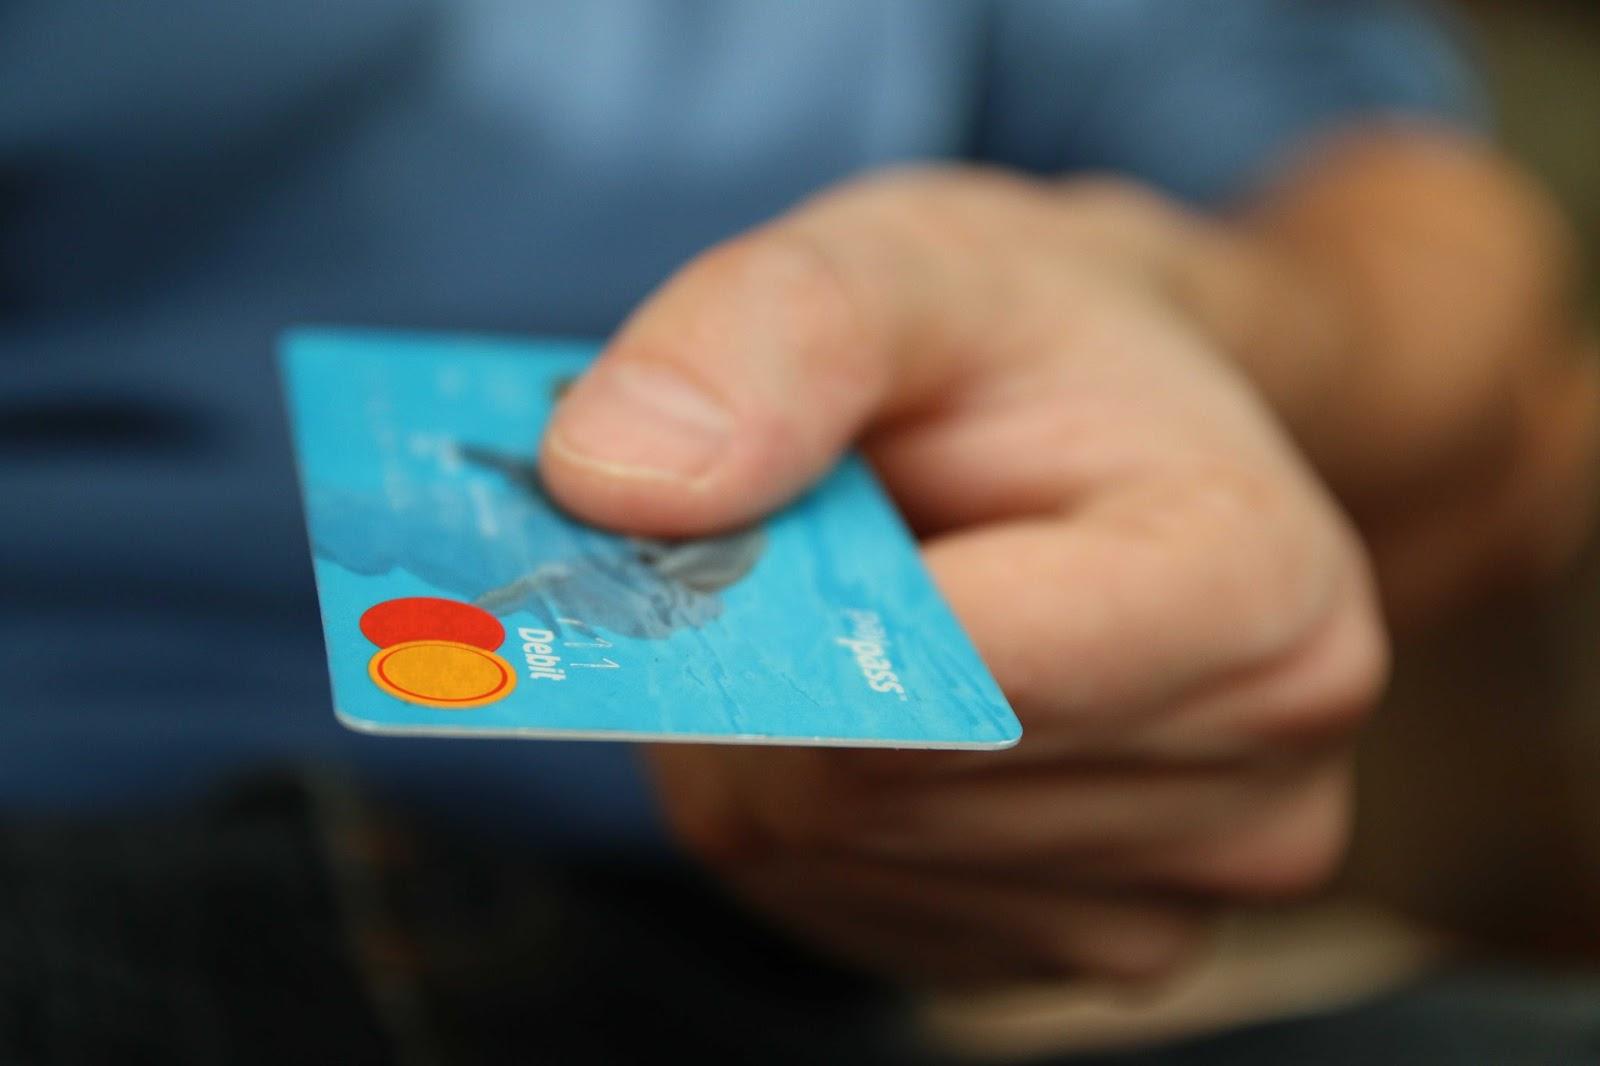 ما هي أفضل طرق الدفع الالكتروني ؟ إكتشف الان